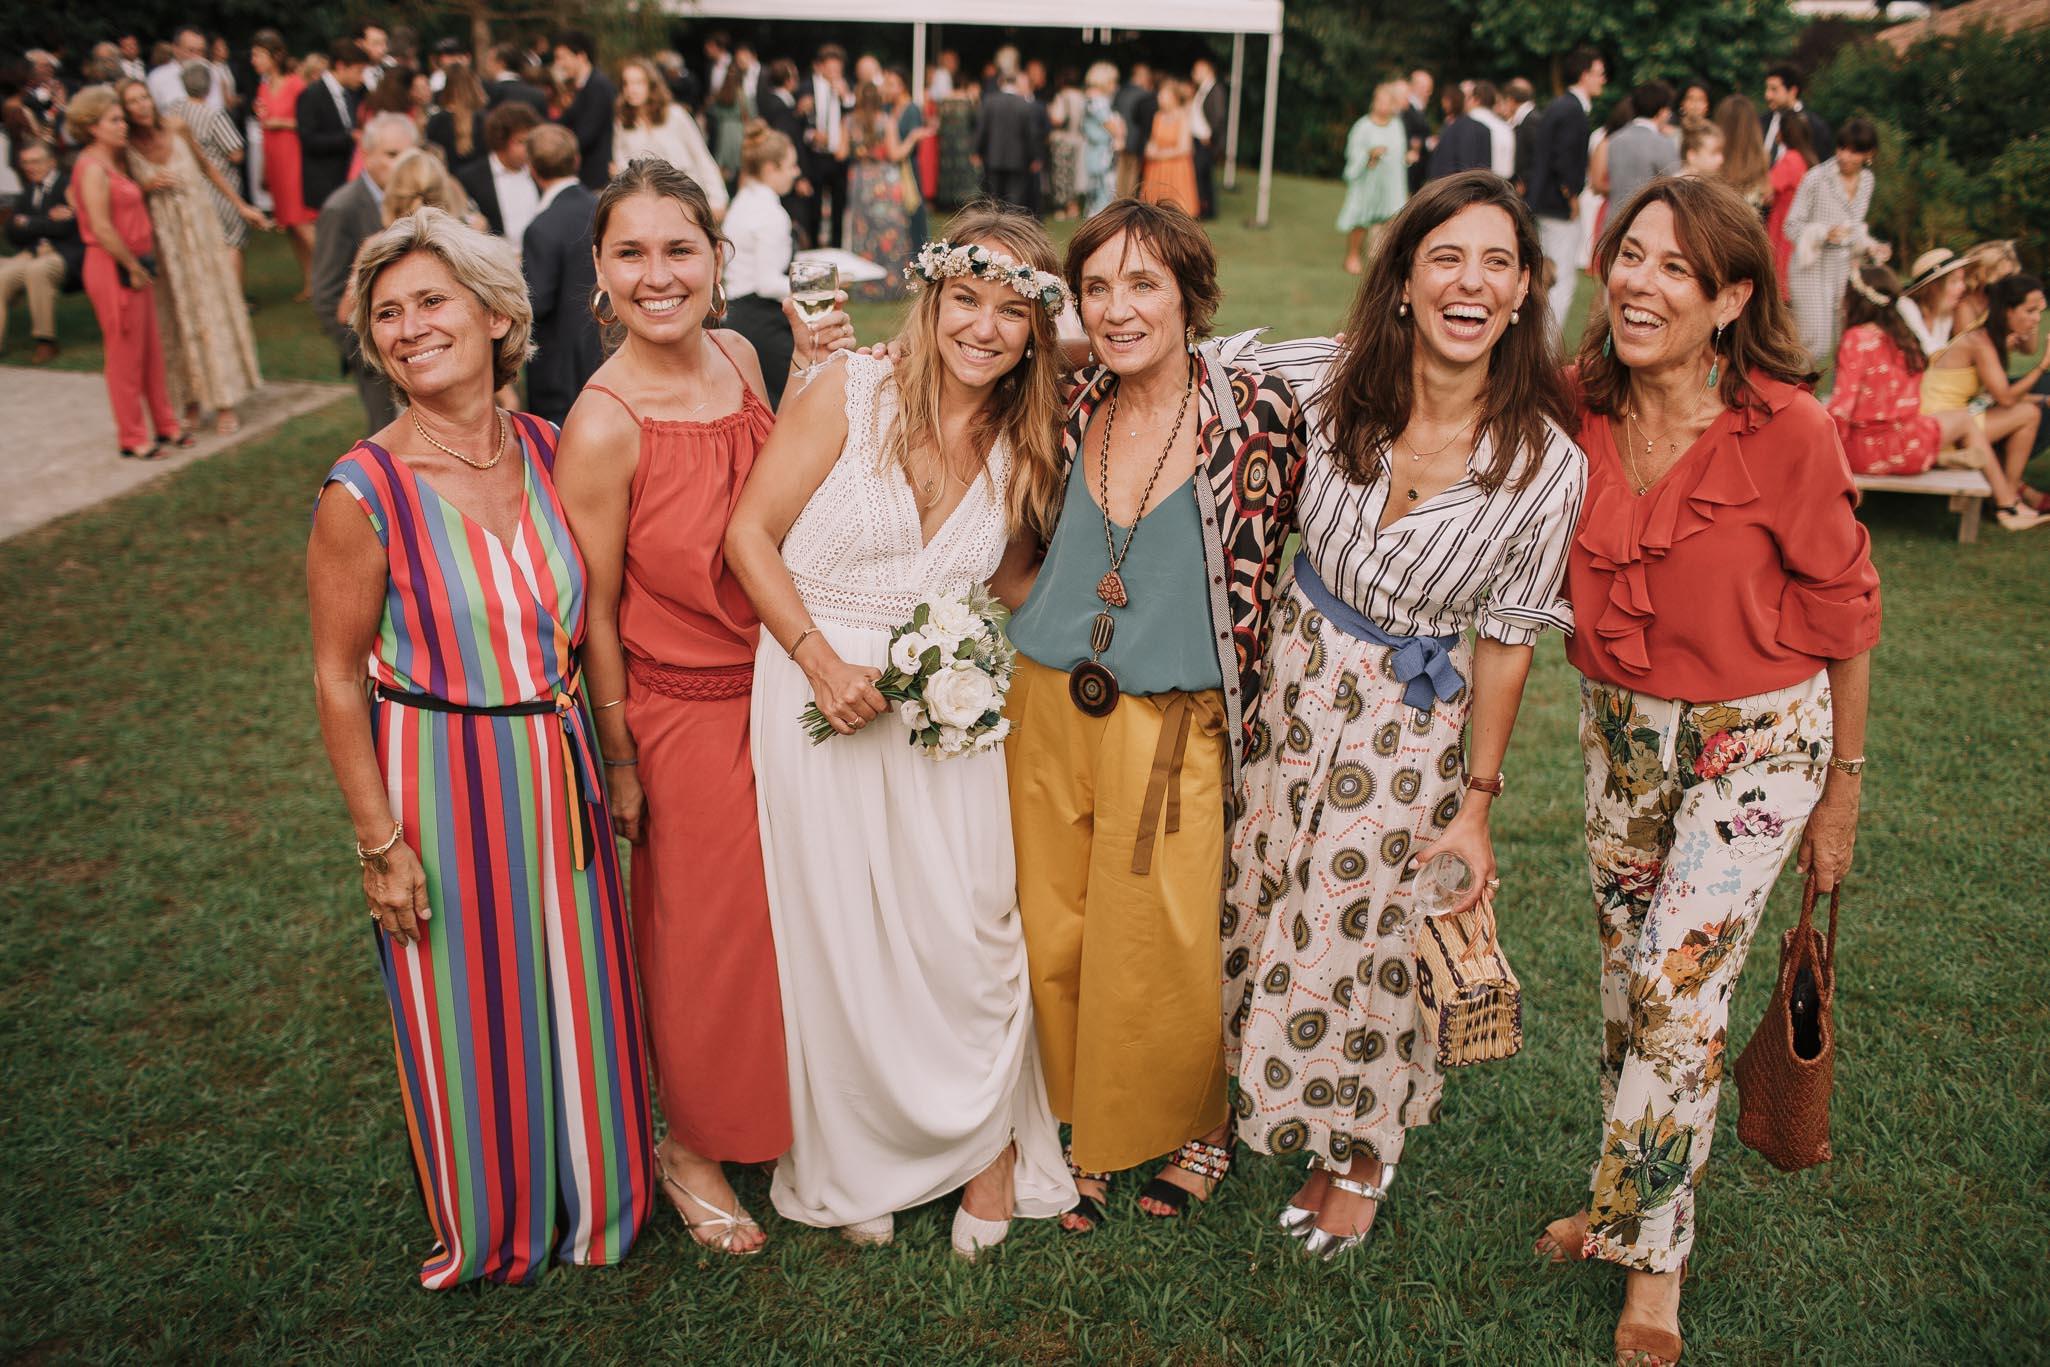 Photographe-mariage-bordeaux-jeremy-boyer-pays-basque-ihartze-artea-sare-robe-eleonore-pauc-couple-amour-108.jpg